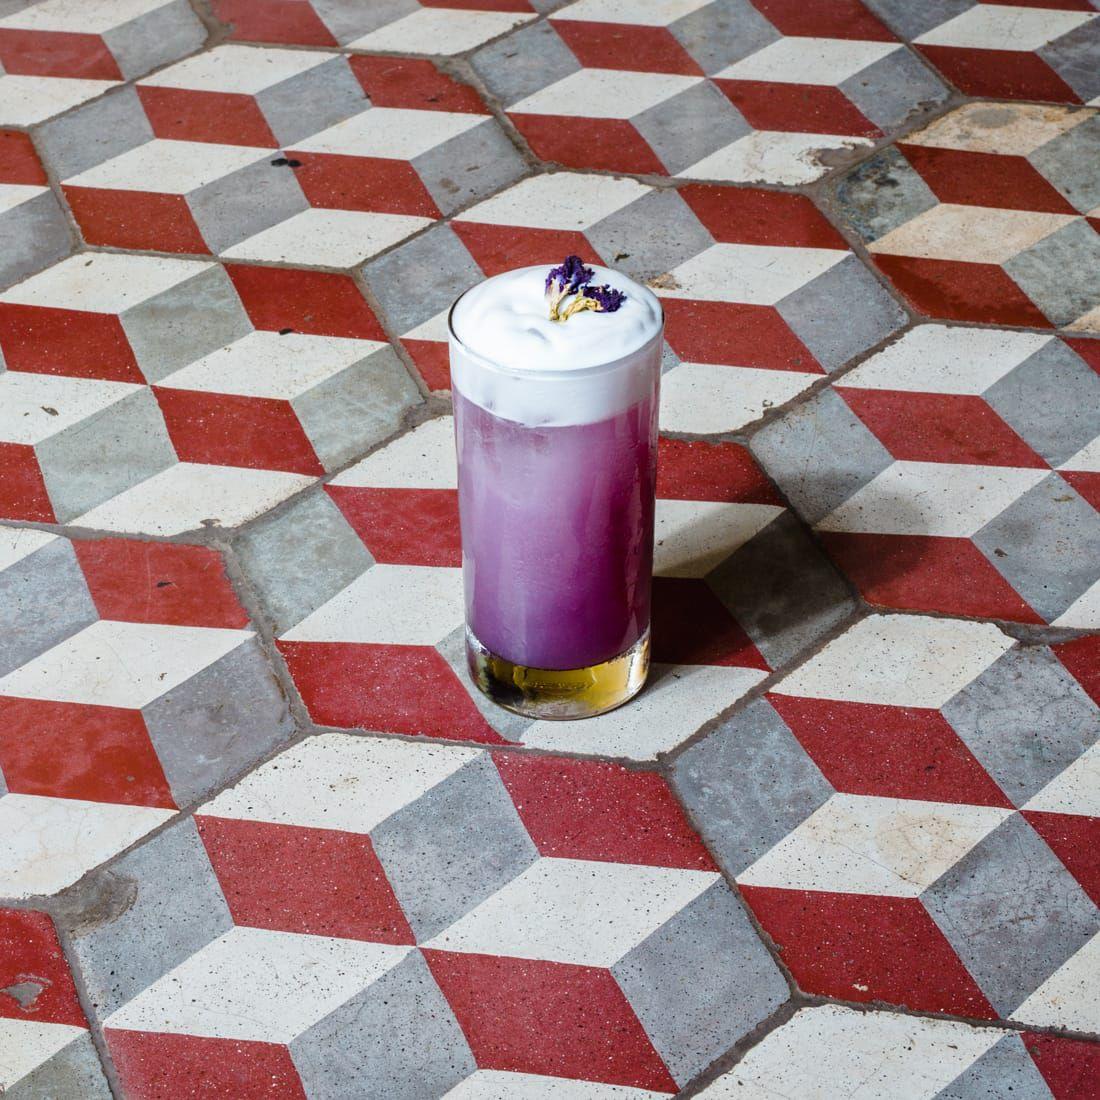 La coctelería es uno de los puntos más fuertes de la apuesta de Bandra. El reto estaba en crear una propuesta de autor que sirva como maridaje para los sabores de la India. En foto, coctel Gulab Jamun, con gin, lavanda, tés y soda.